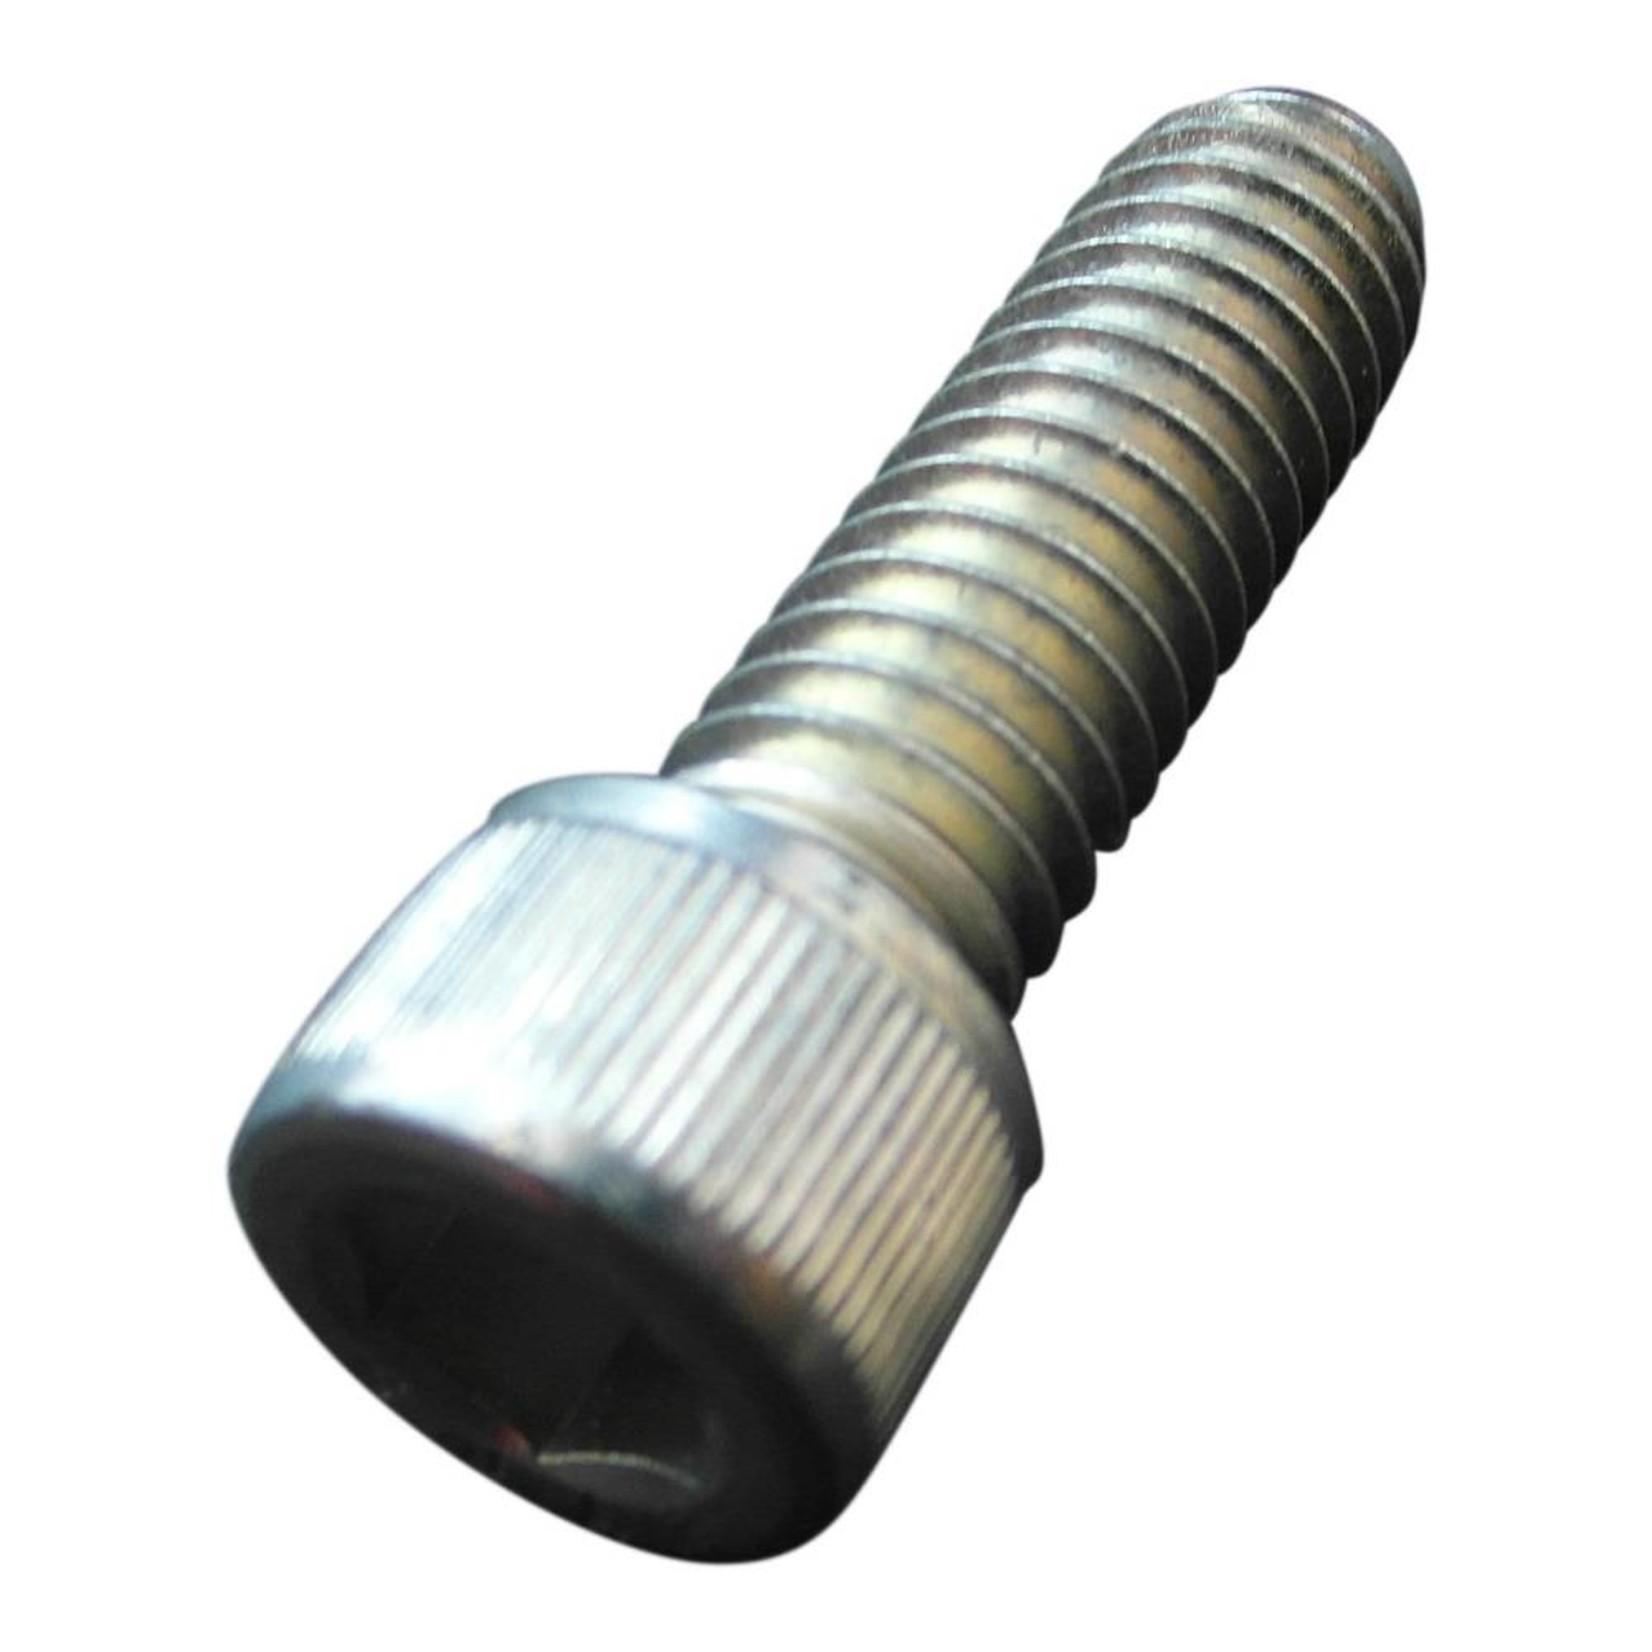 Staal verzinkte Inbusbout 5/16 UNC - 18 x 1 inch (25mm)